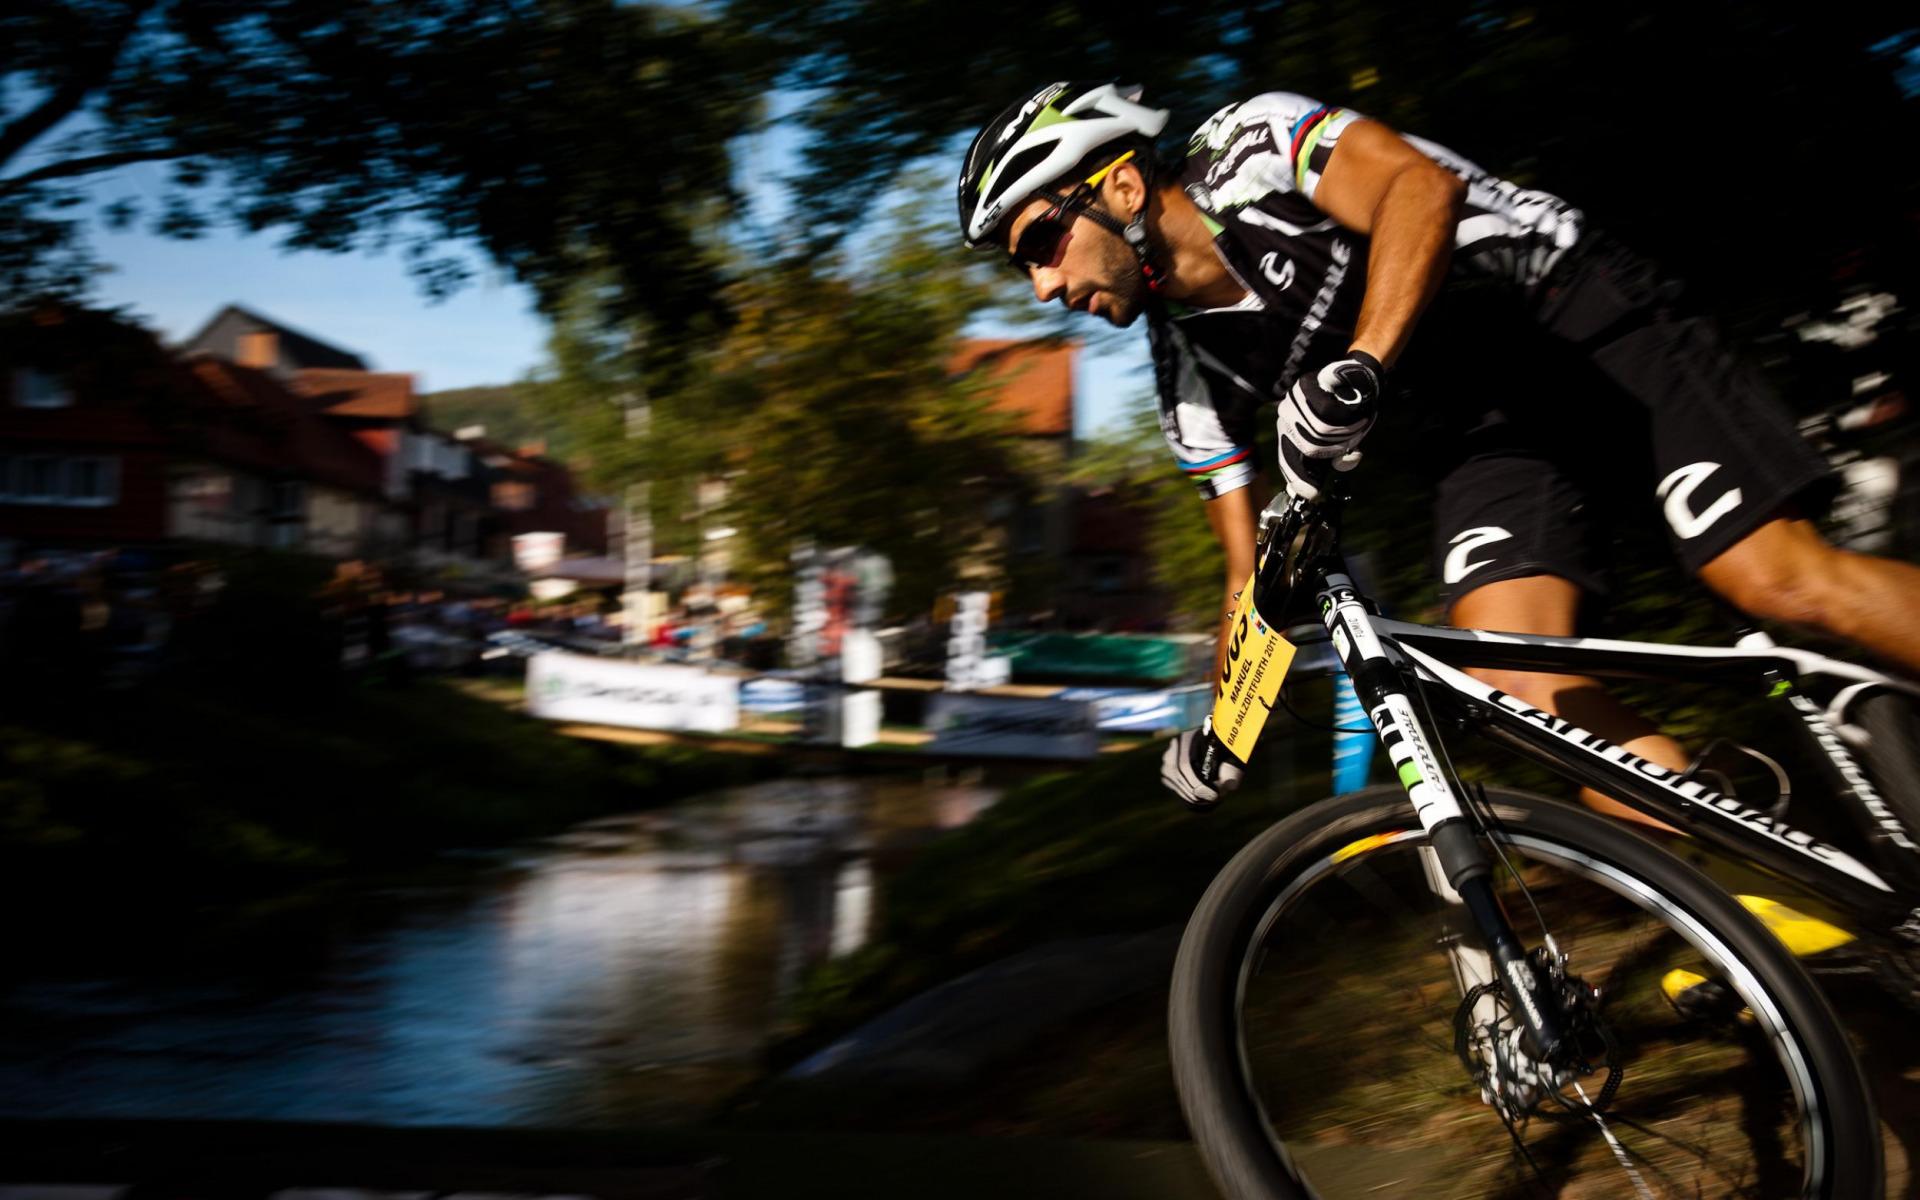 спорт велосипед споротсмен мужчина  № 1633625 без смс